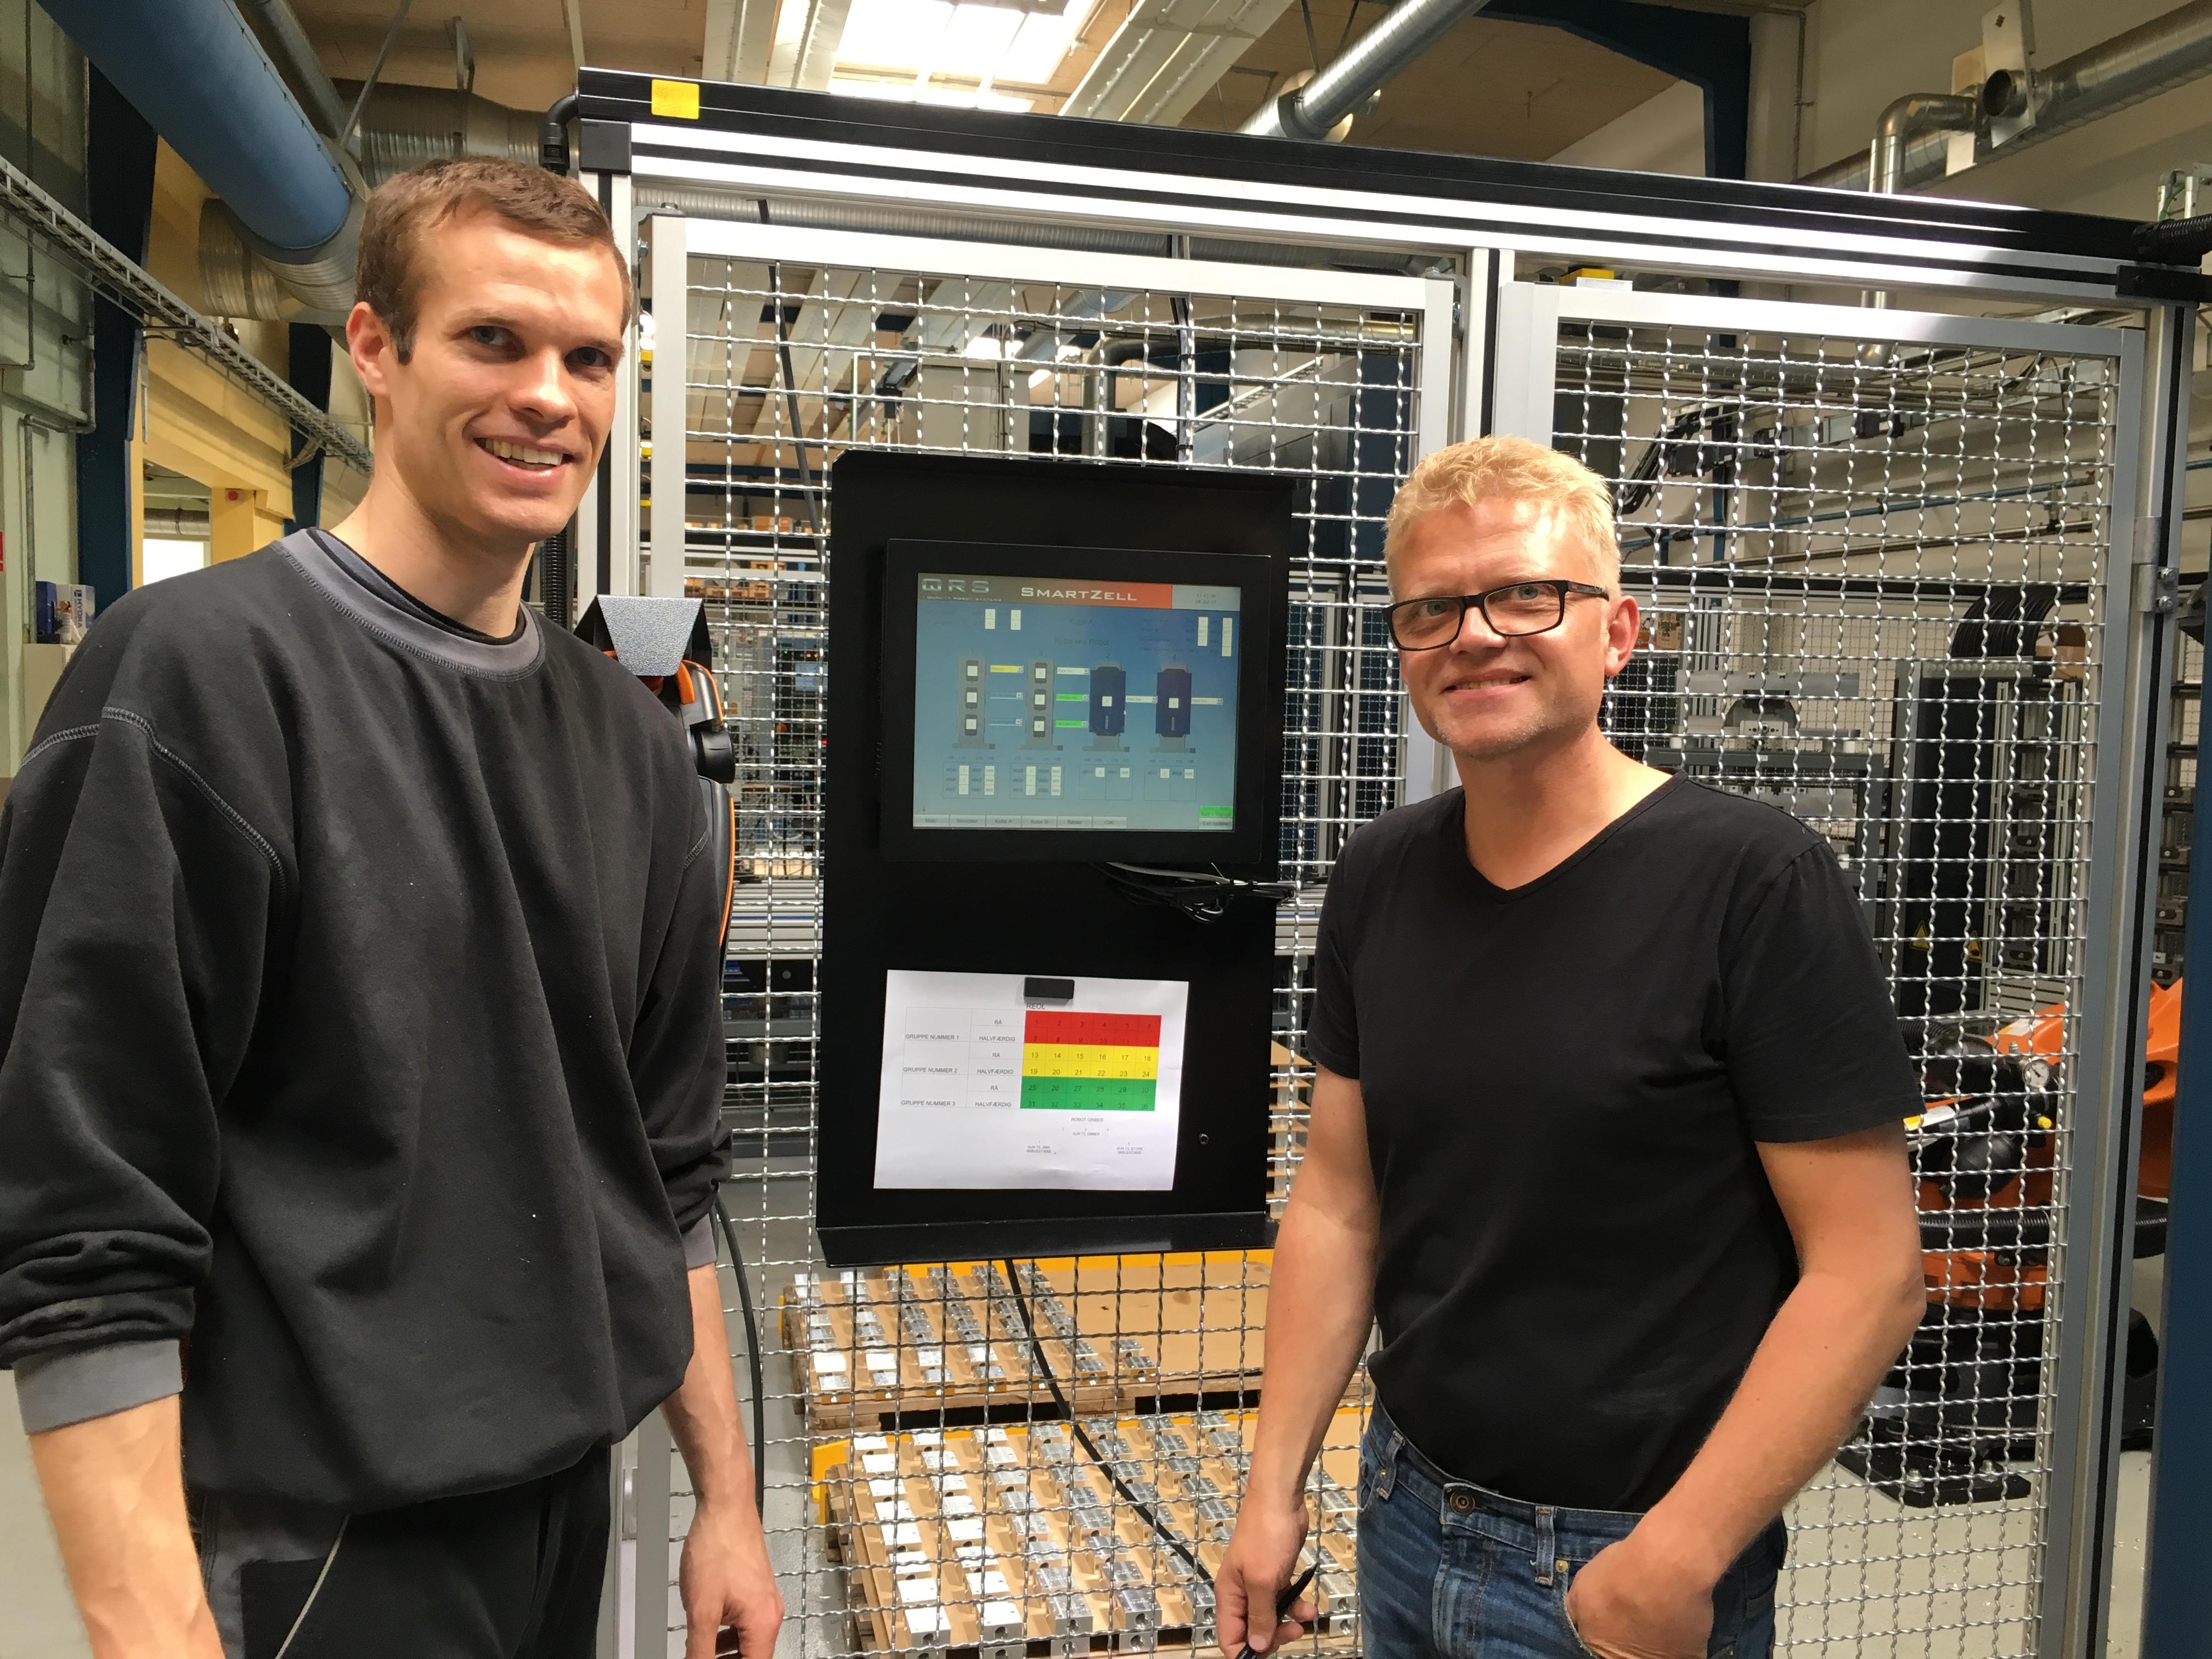 Ny Teknologi øger Kapaciteten Hos Hydra Grene Metal Supply Dk